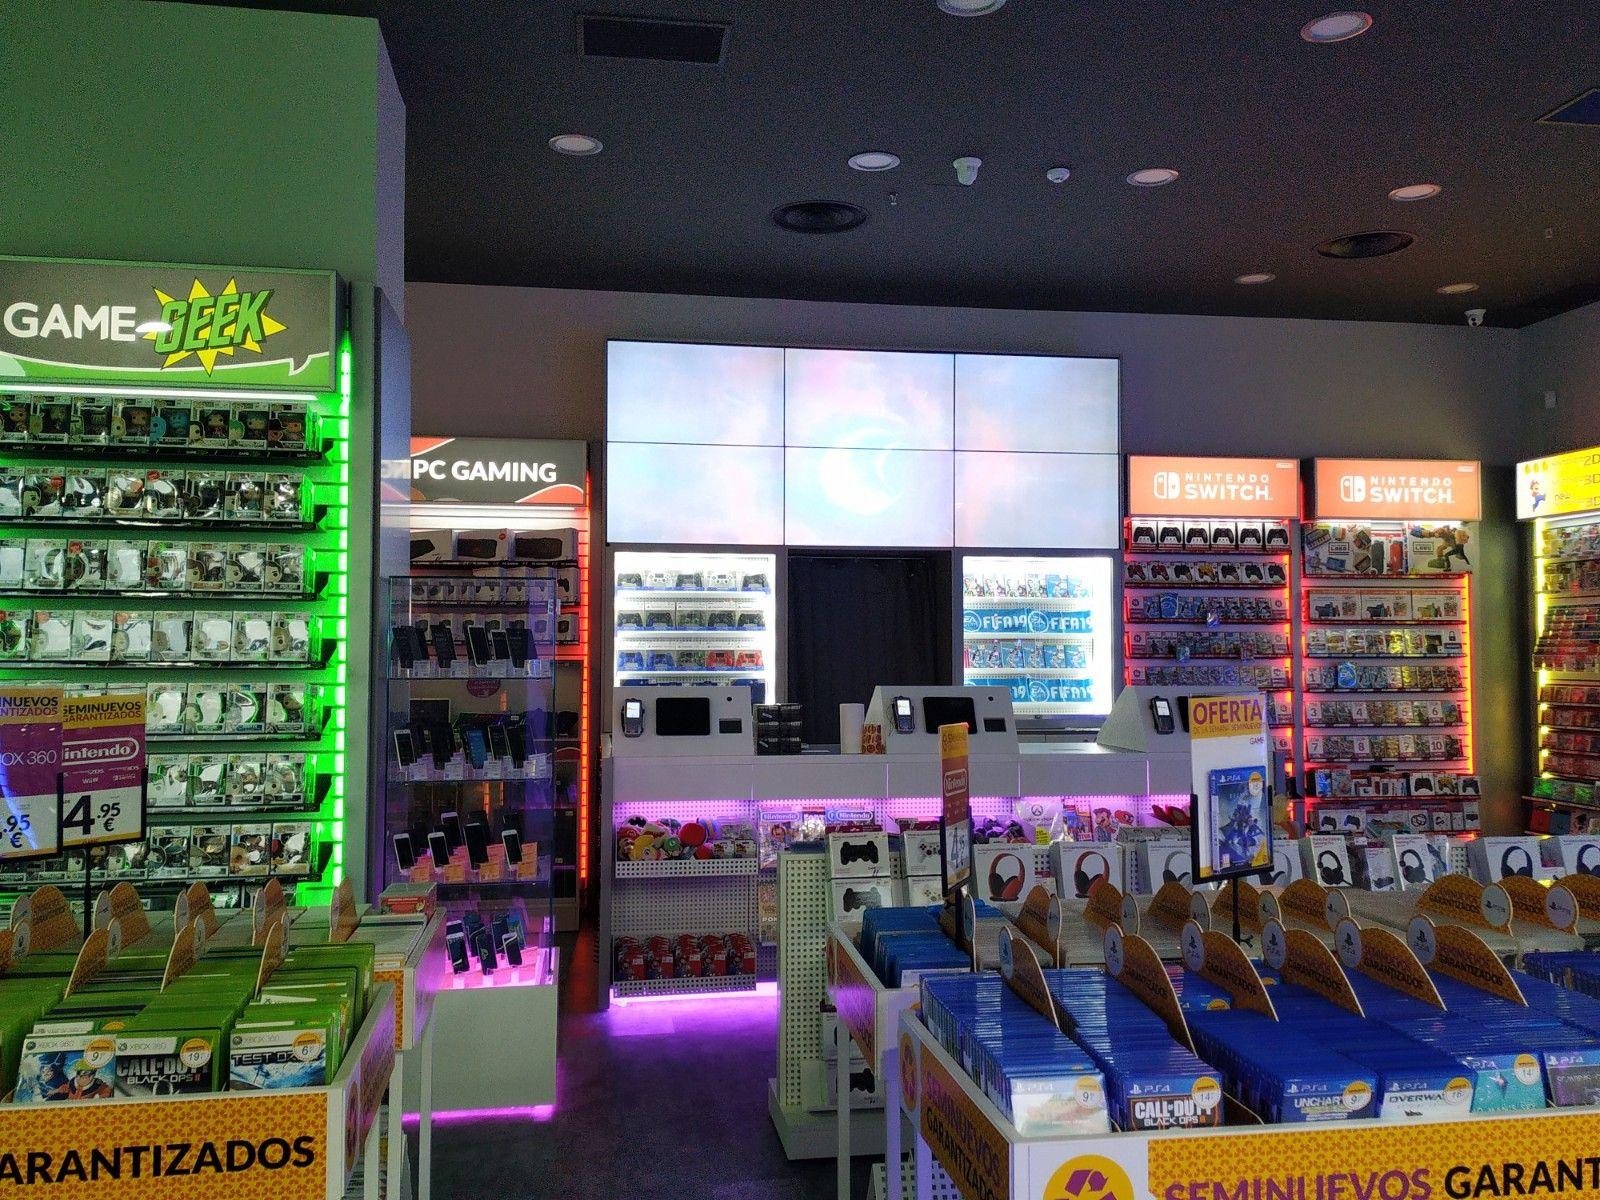 Instalación comercial en la tienda Game de Sevilla